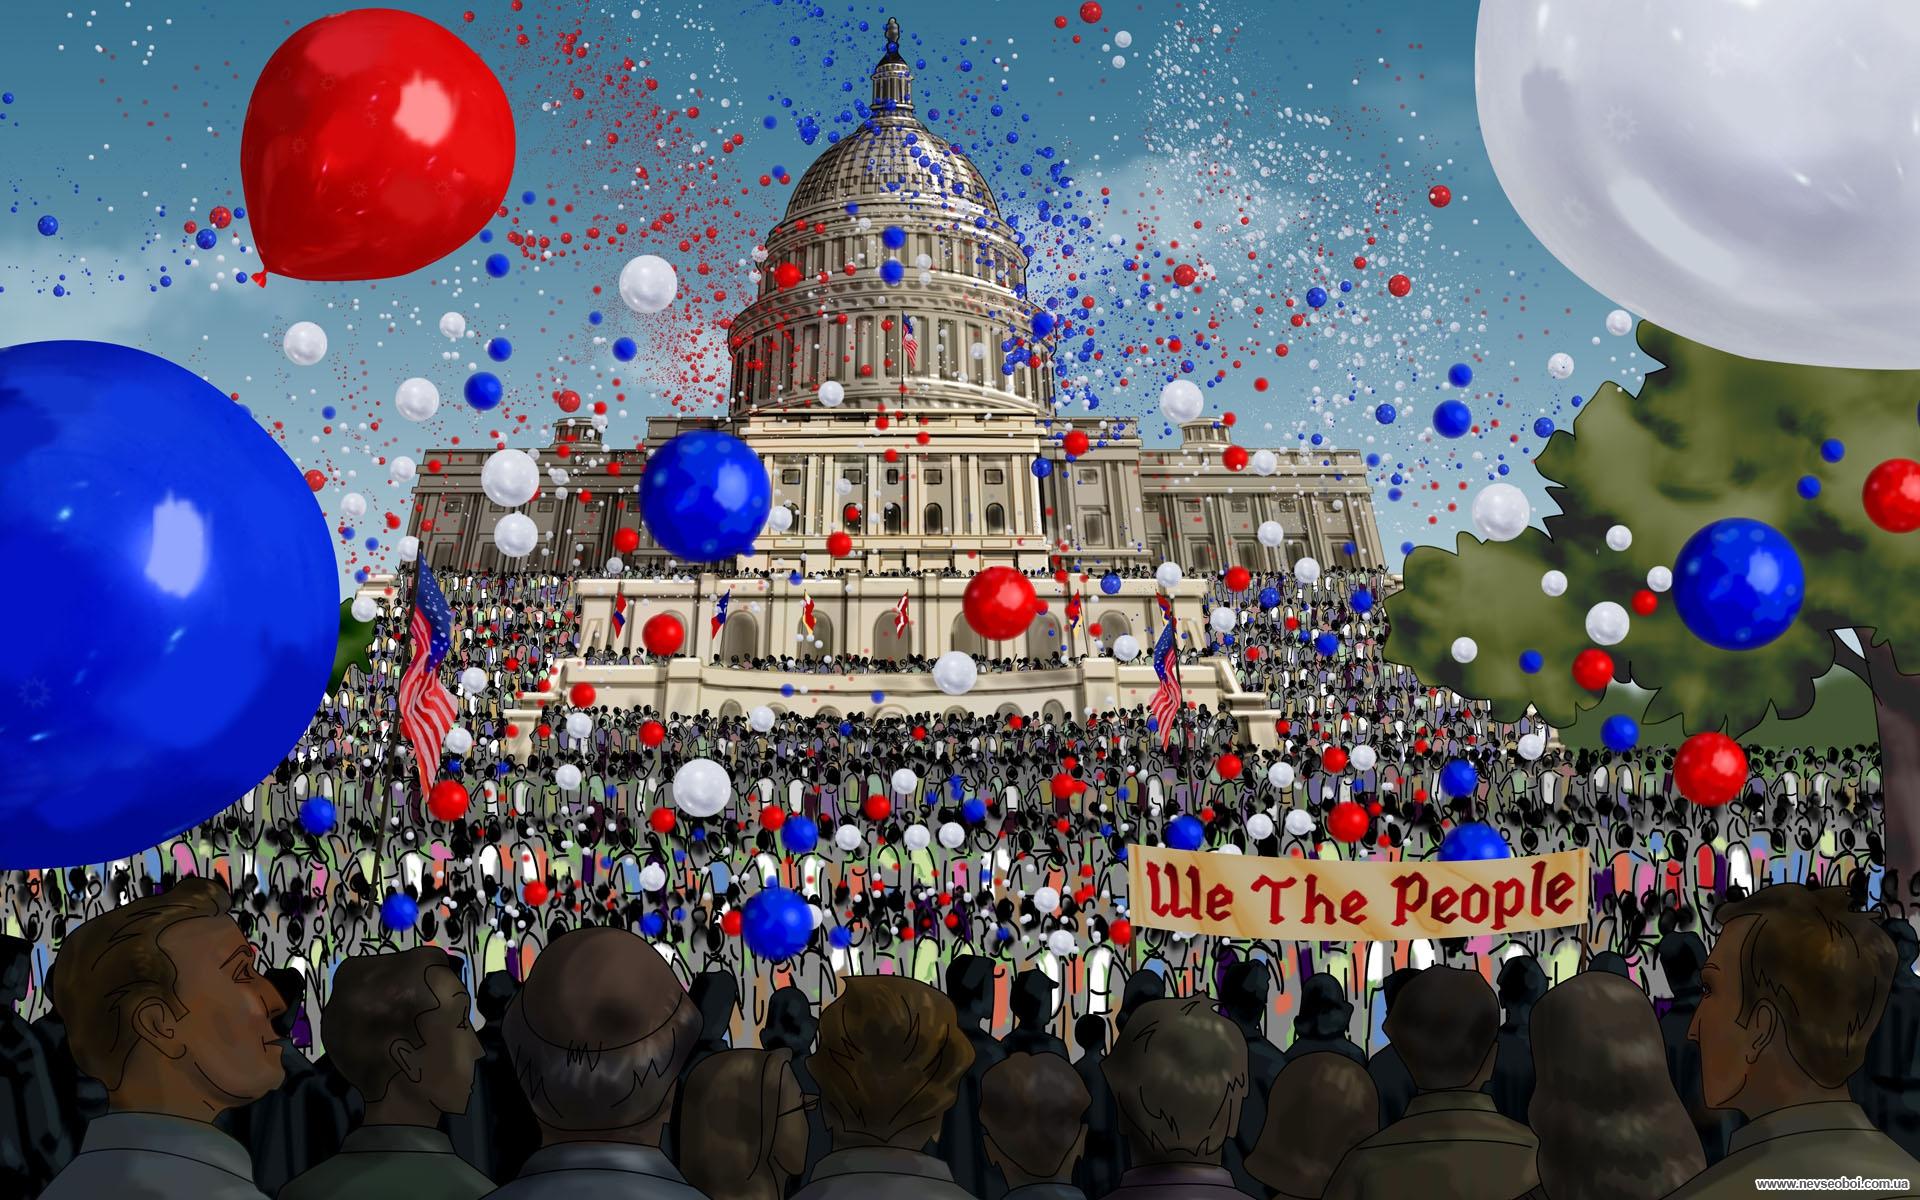 День независимости сша — википедия. что такое день независимости сша